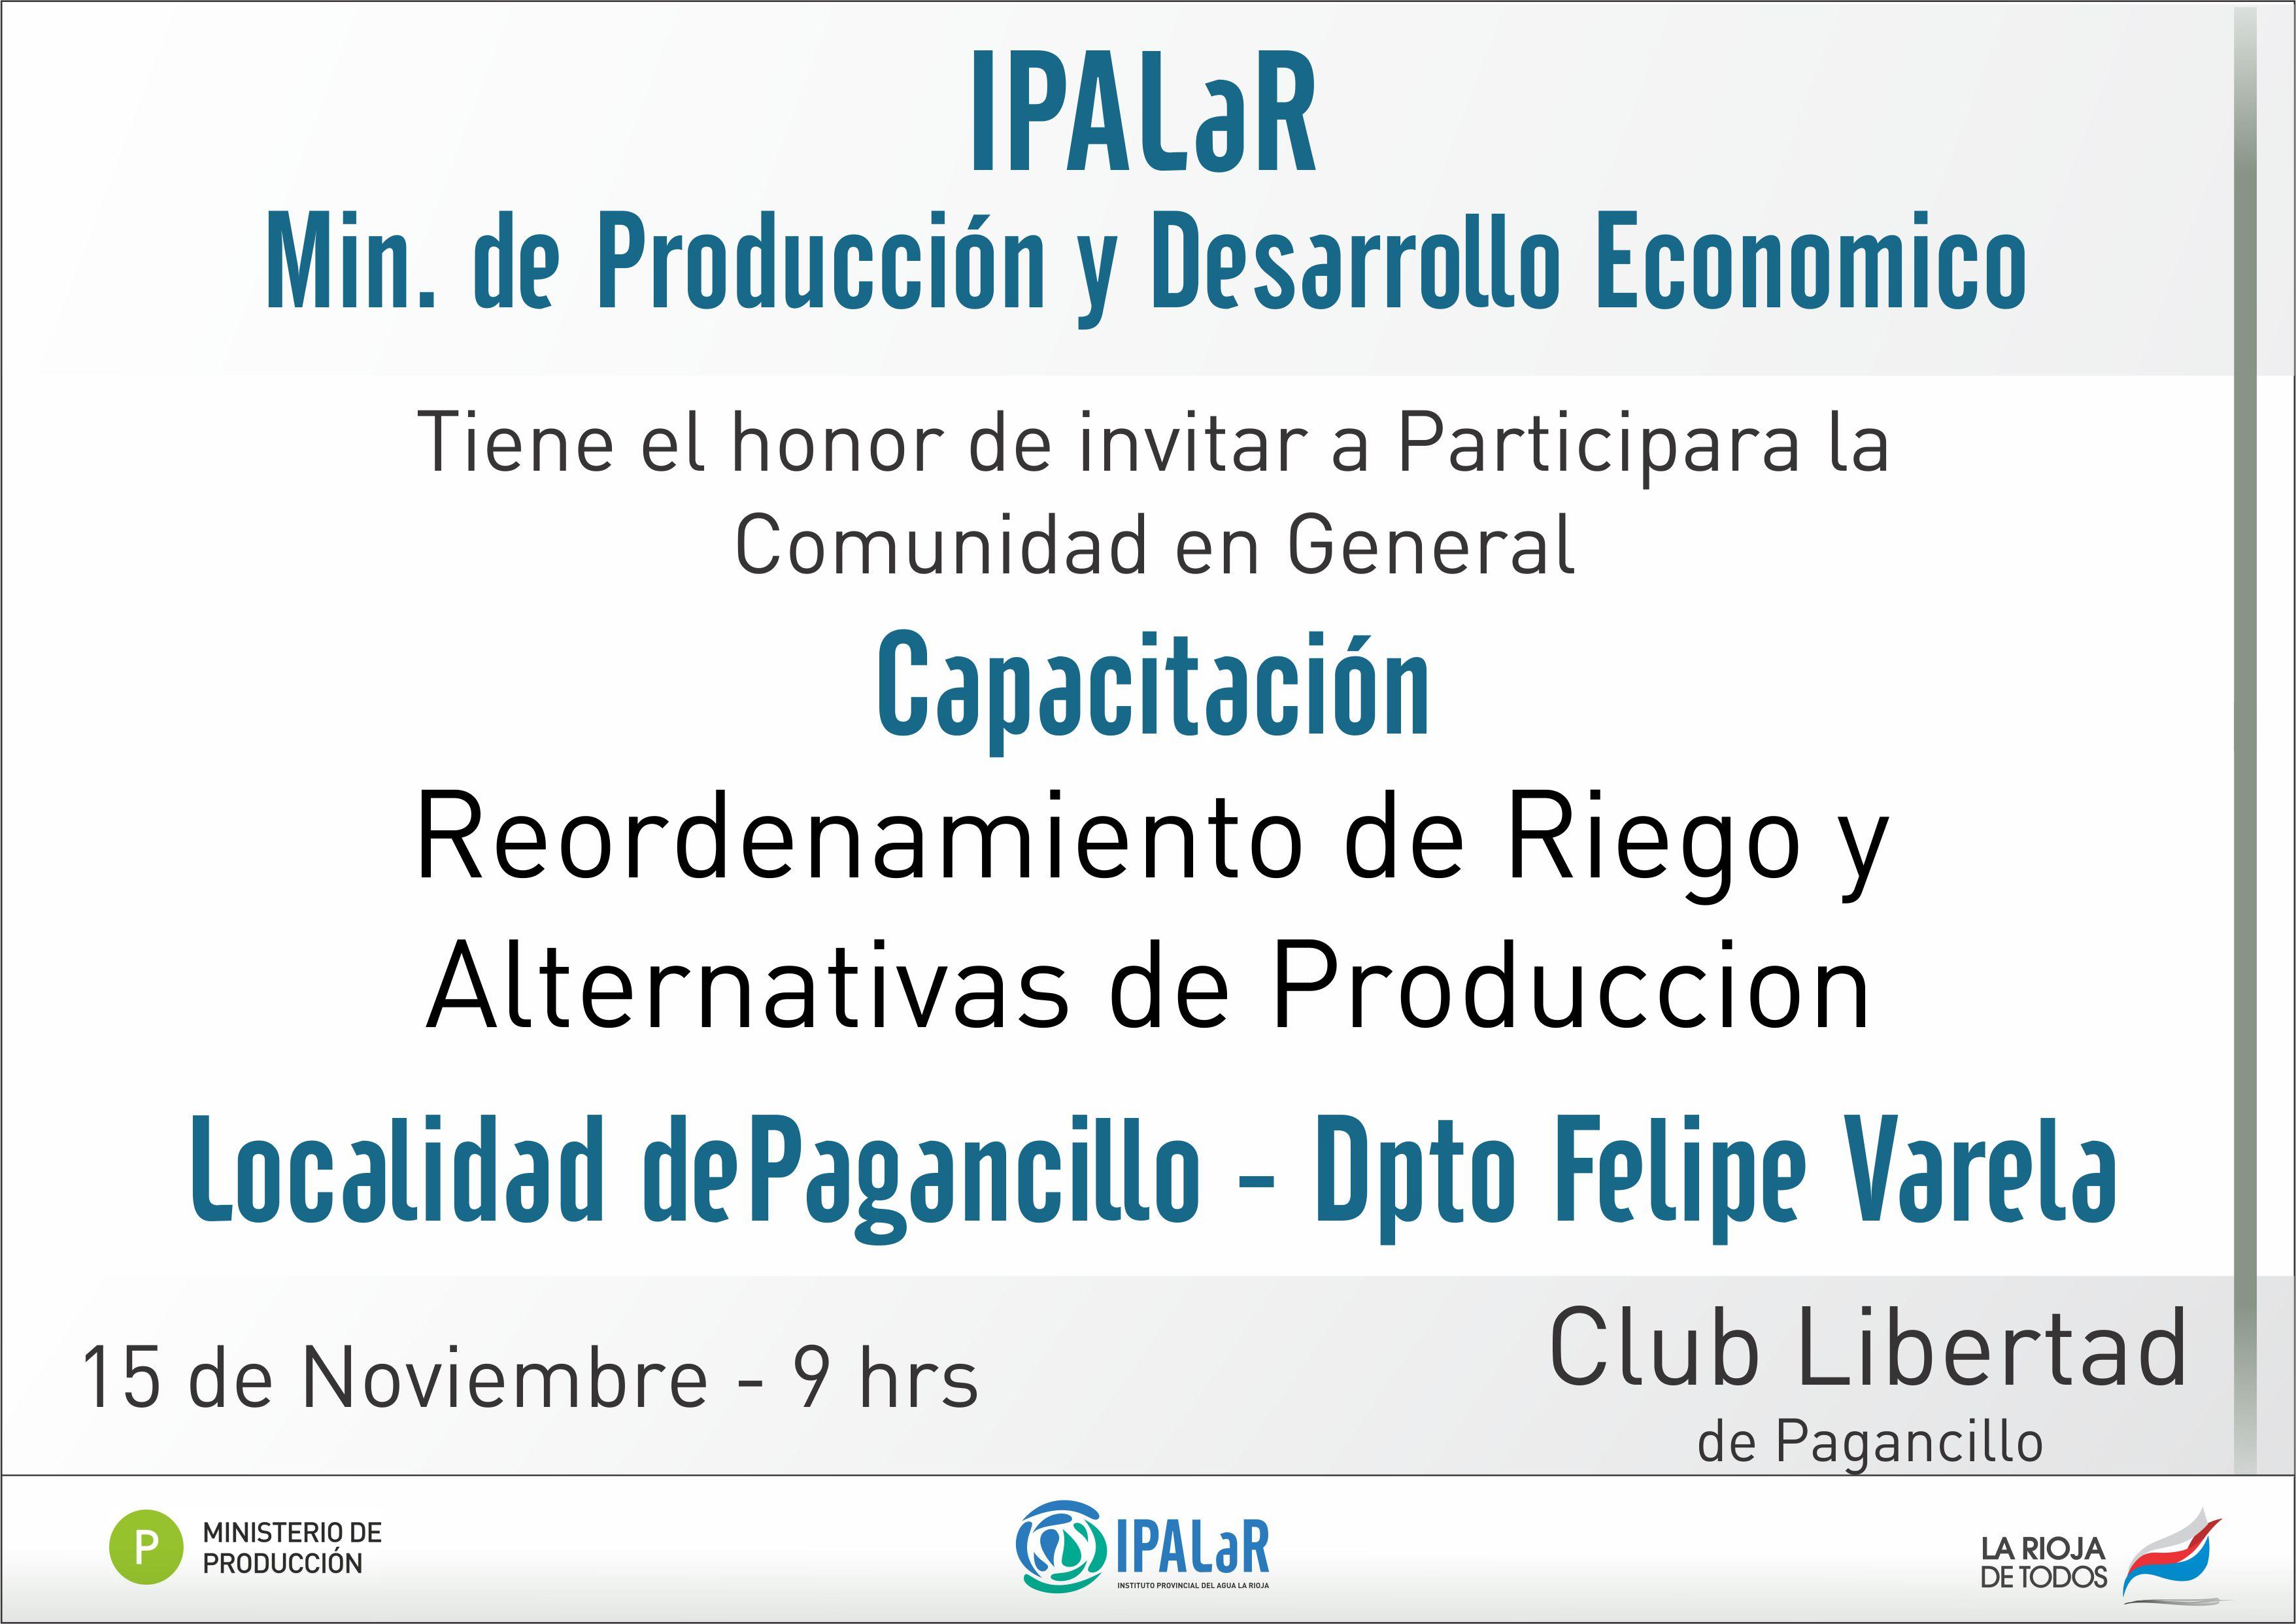 Ipalar y el ministerio de producci n realizan for Ministerio produccion